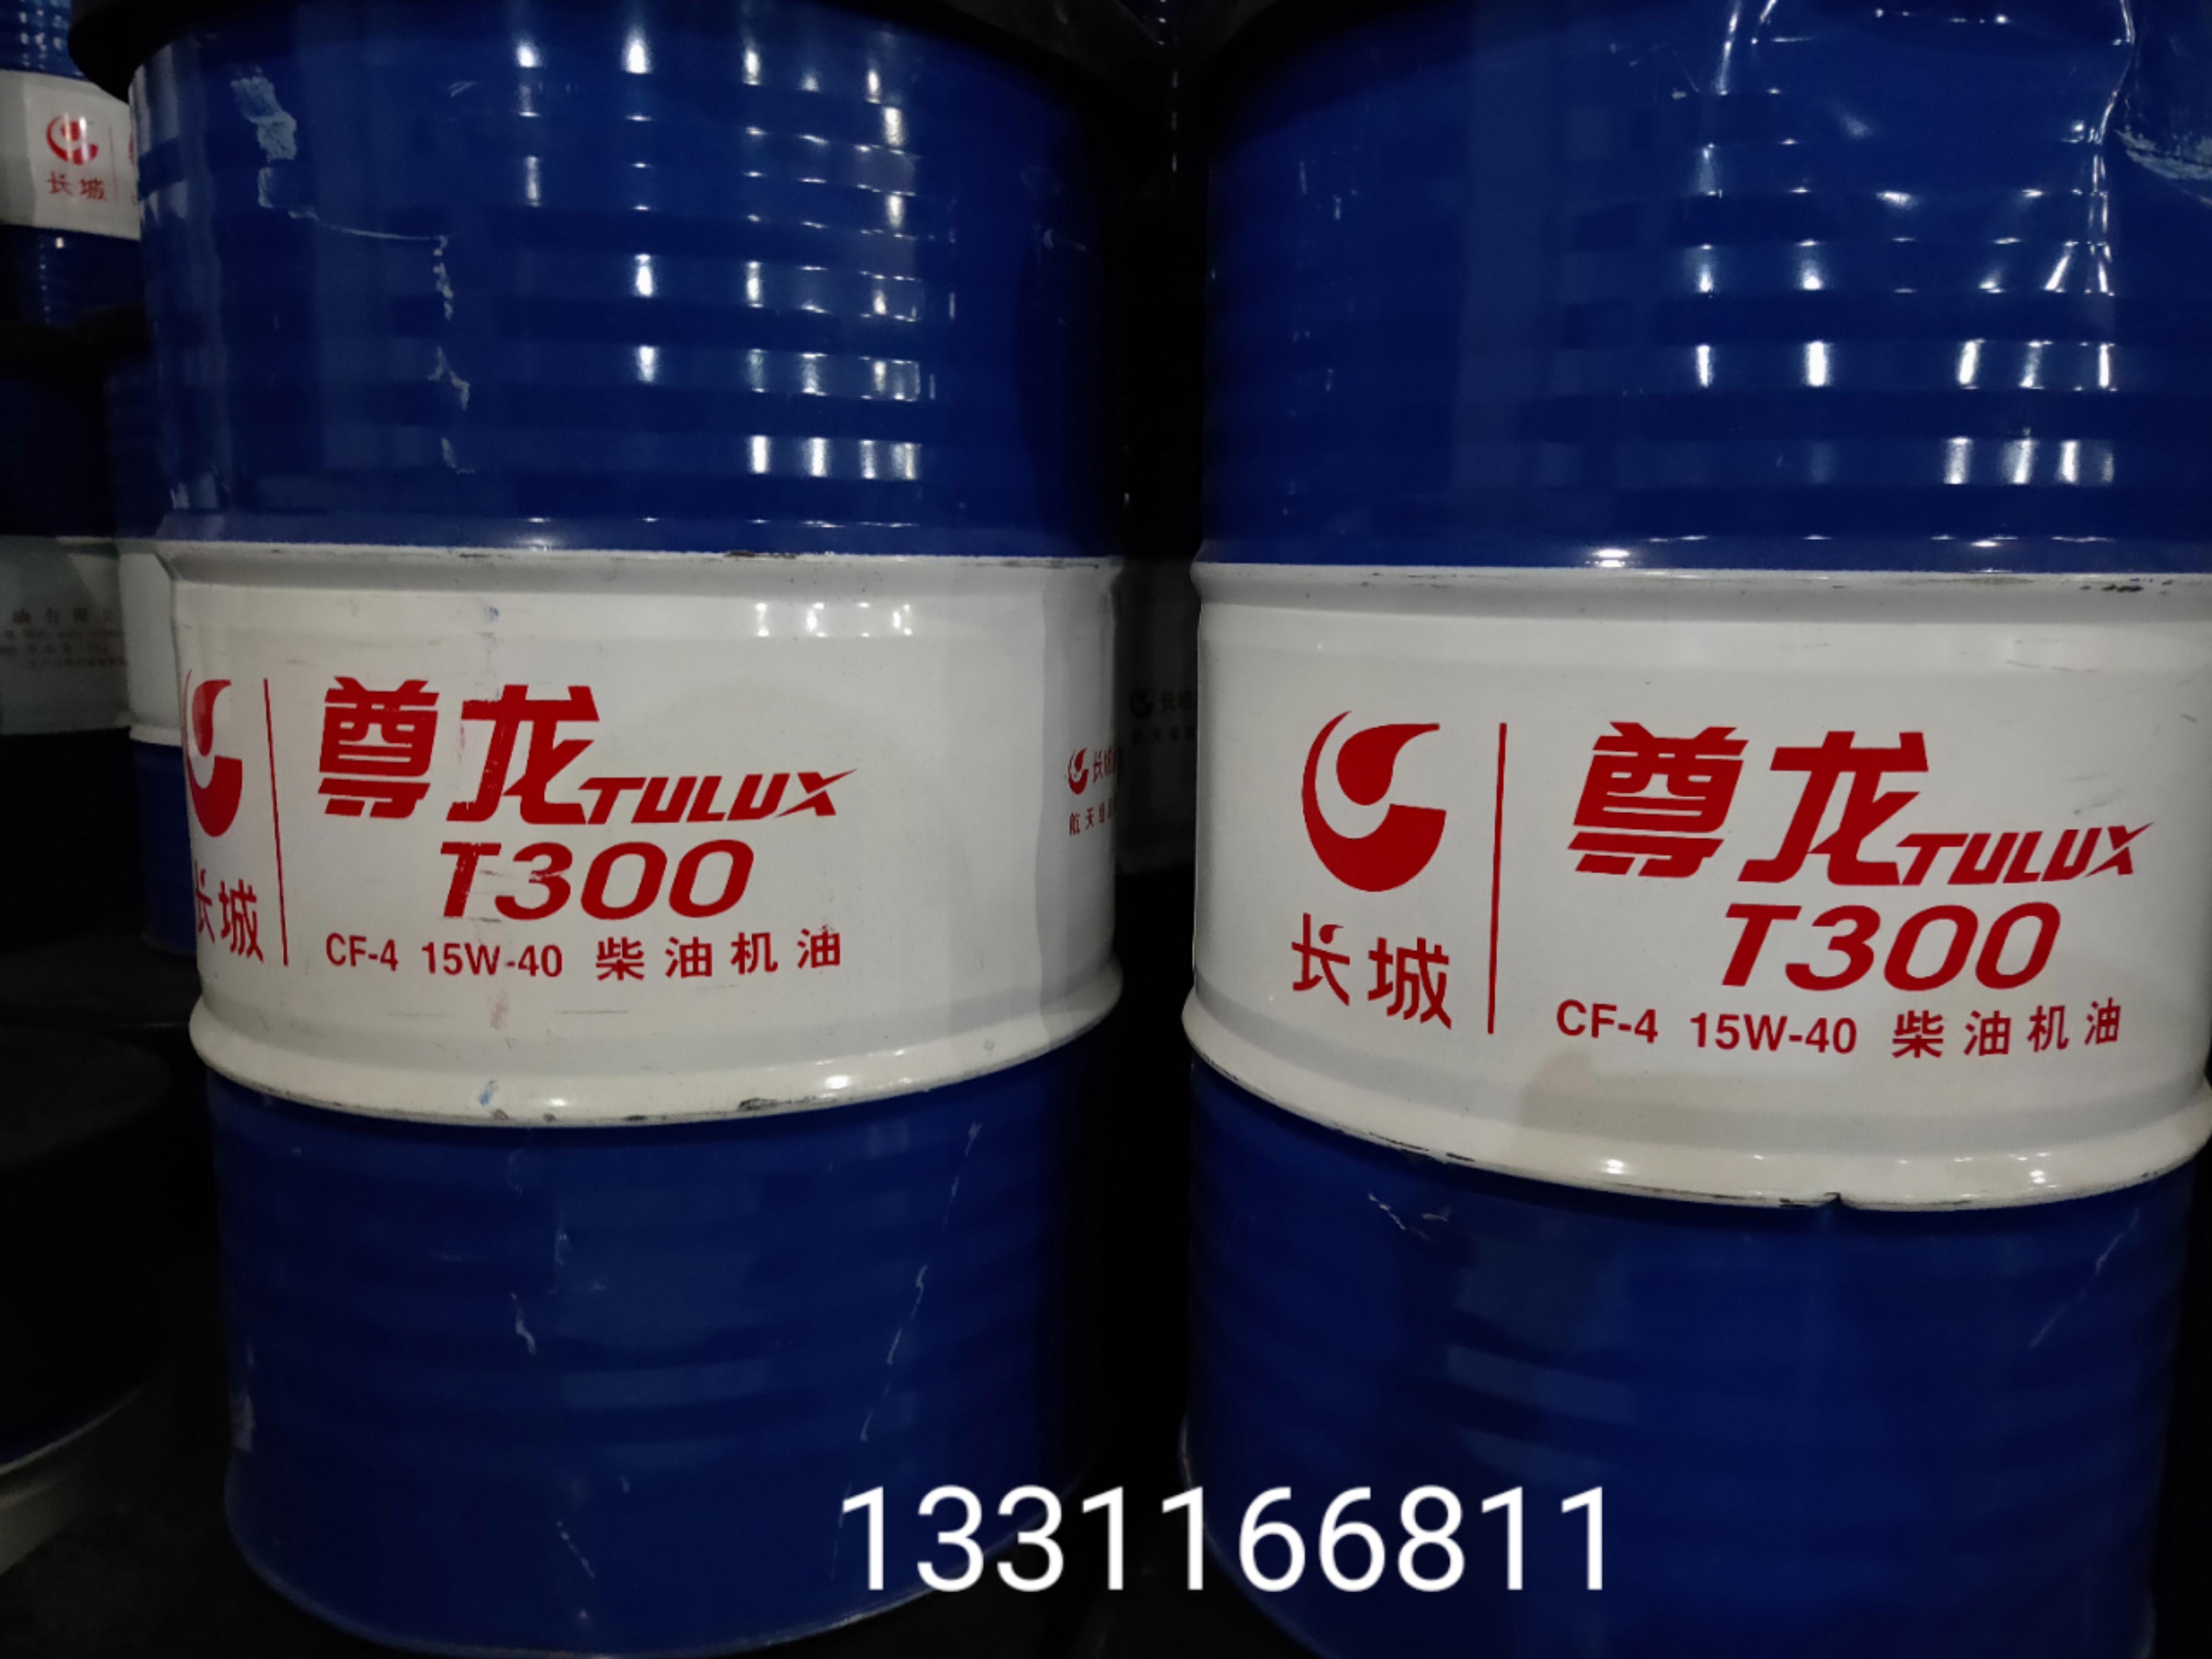 长城尊龙T300 170KG